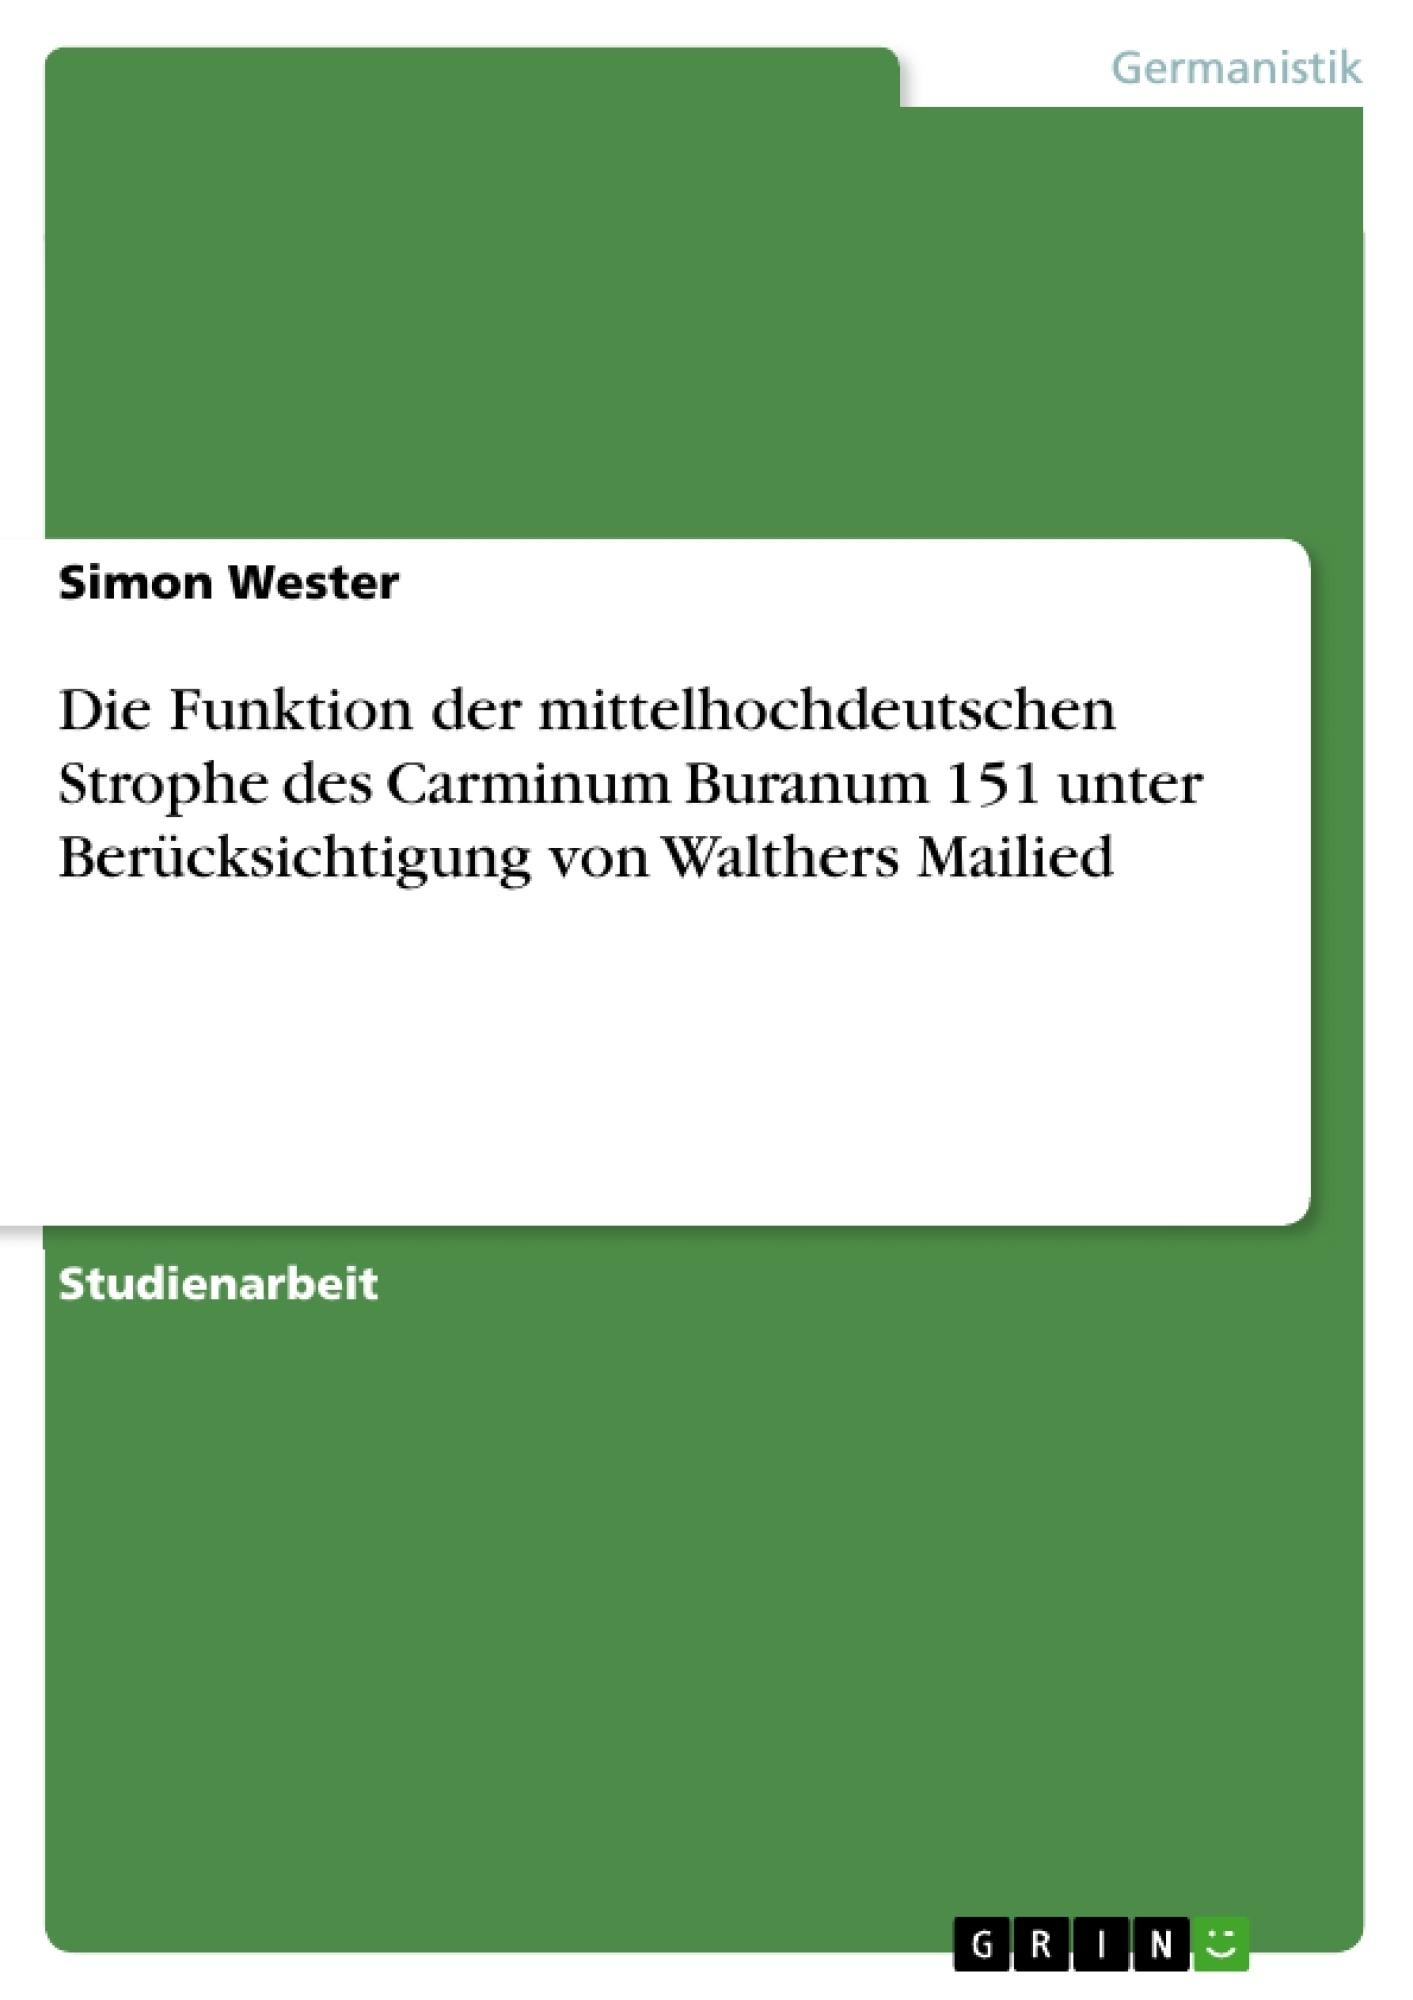 Titel: Die Funktion der mittelhochdeutschen Strophe des Carminum Buranum 151 unter Berücksichtigung von Walthers Mailied